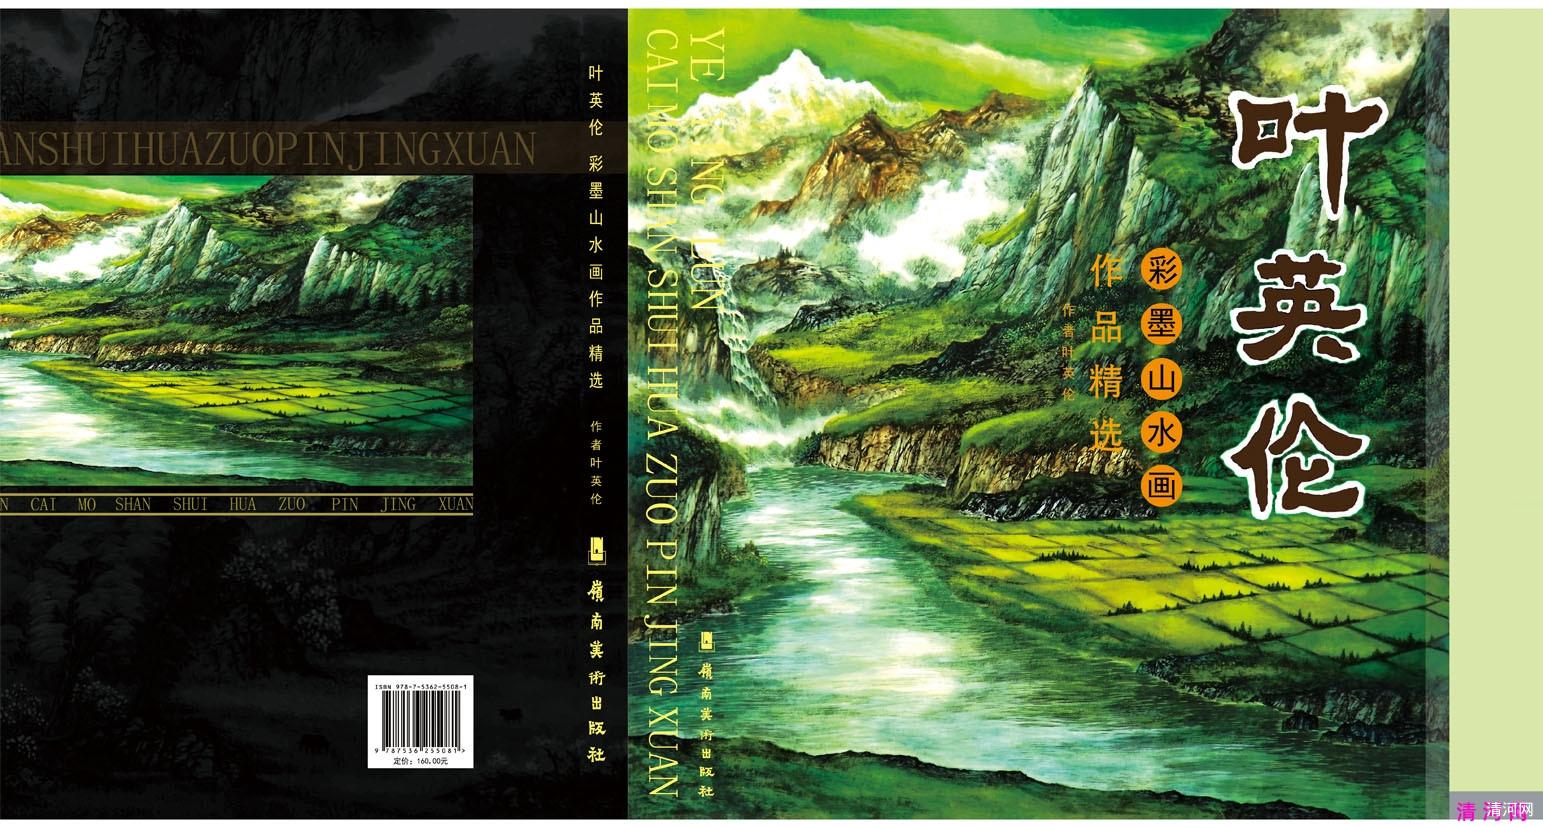 国际著名书画家叶英伦出版作品专辑有《叶英伦彩墨山水画国画技法》889mm×1194mm  1/12.jpg